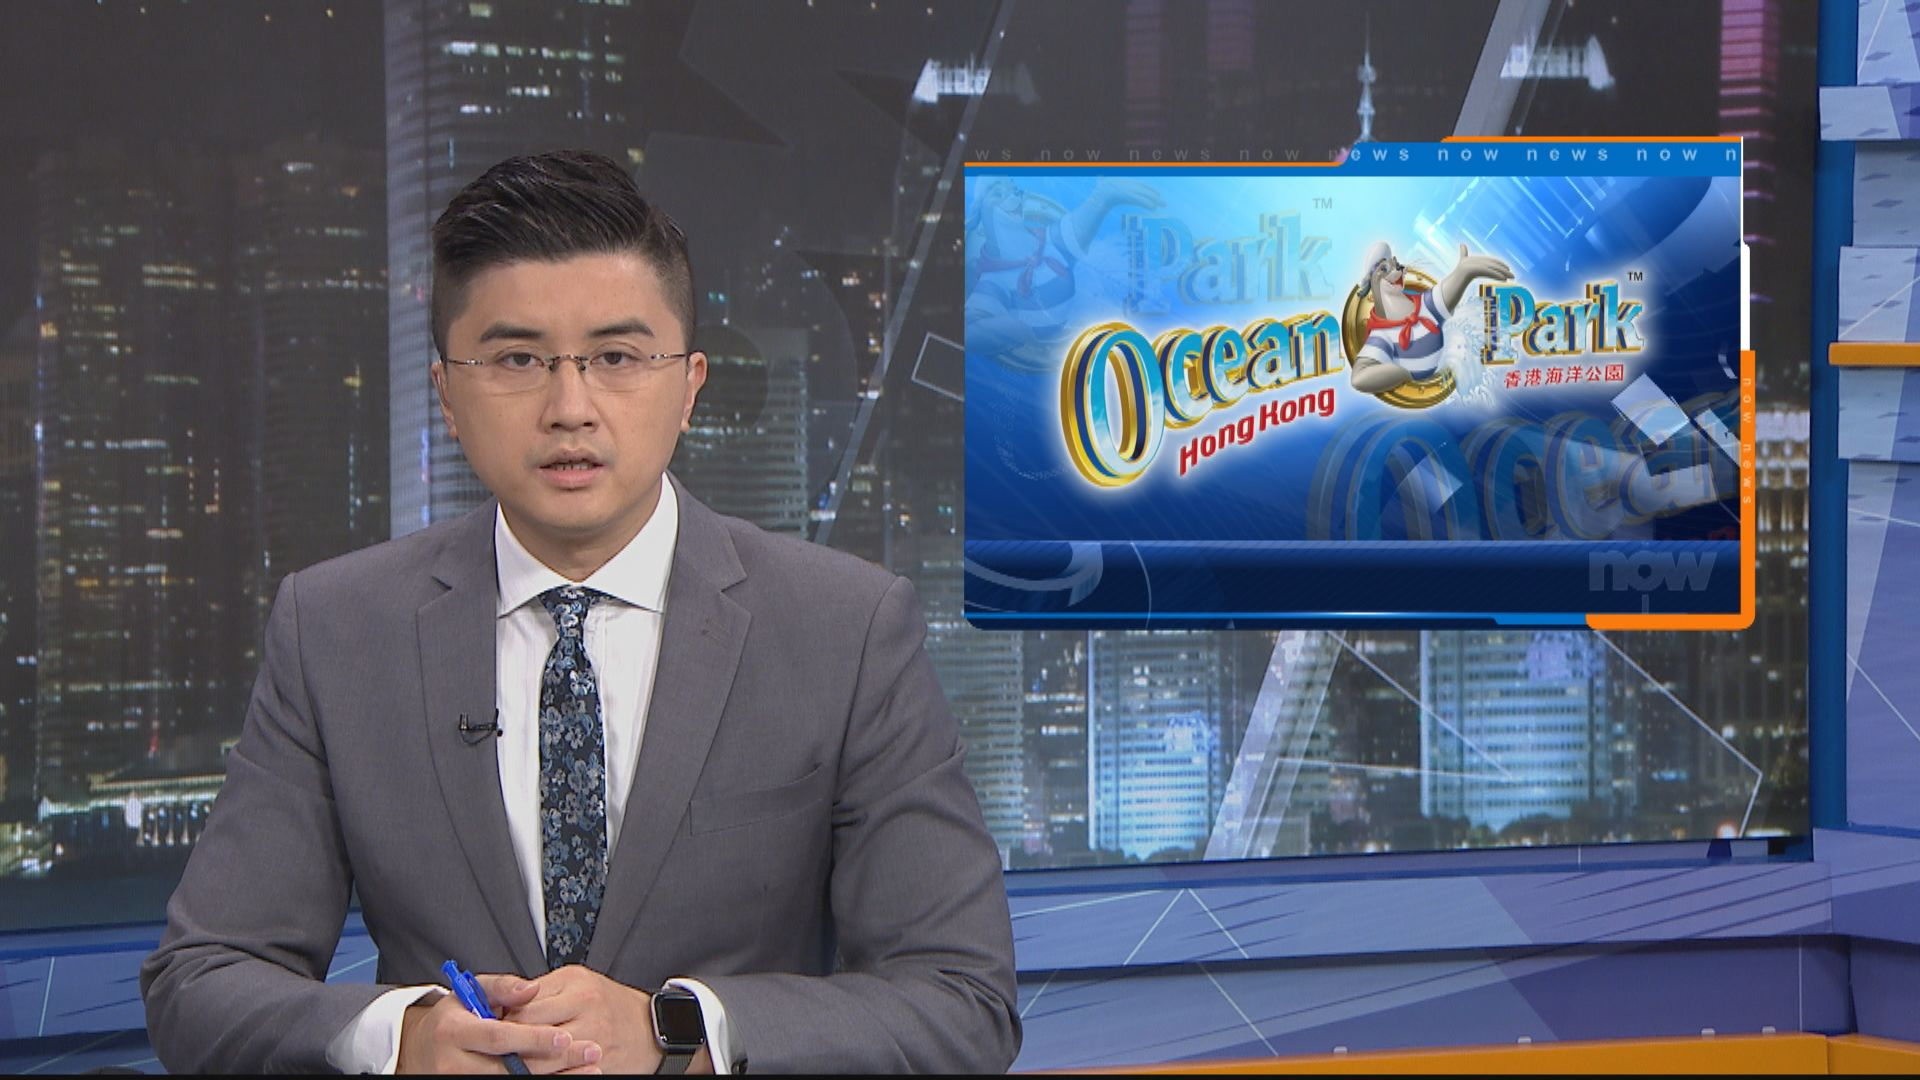 有確診者曾到訪 海洋公園關門兩天清潔